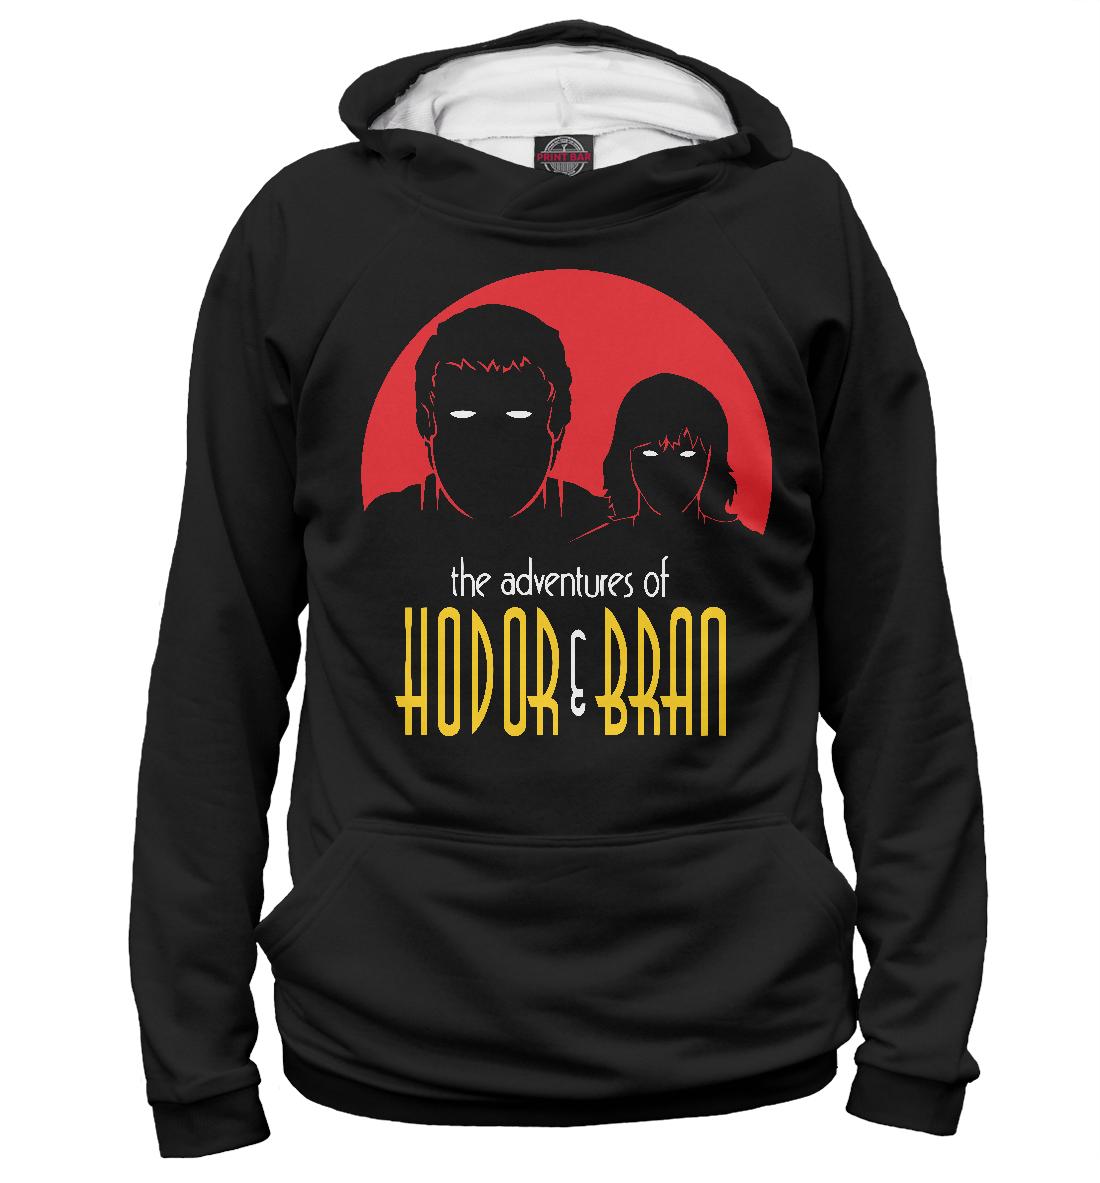 Купить Hodor & Bran, Printbar, Худи, IGR-526503-hud-1